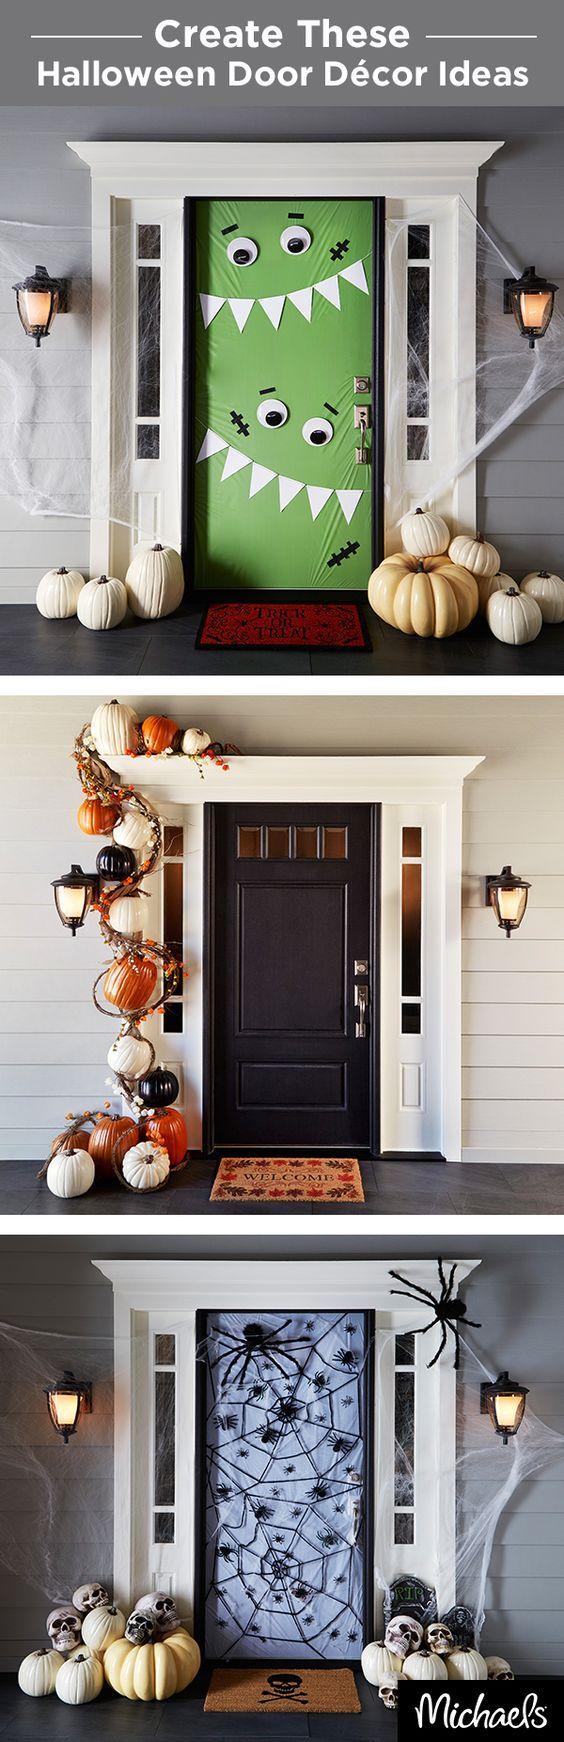 Halloween decorations Decorate your front door